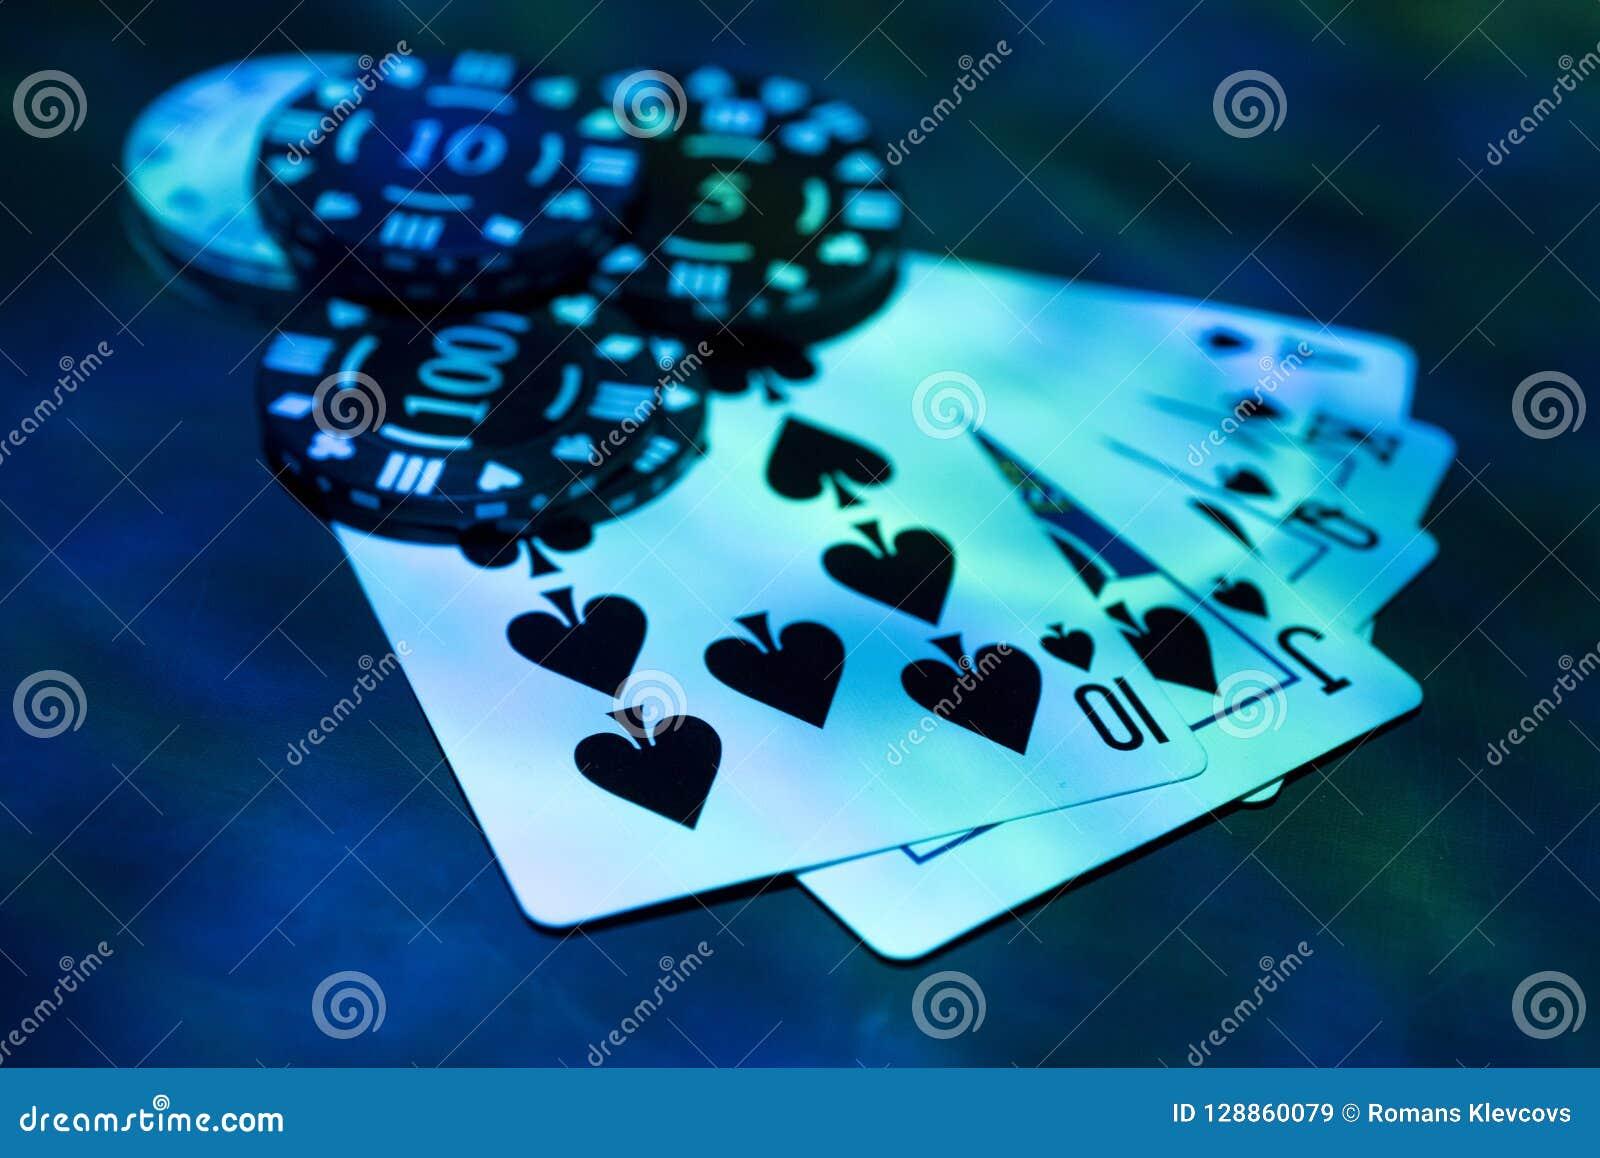 Abstraktes Foto des Kasinos Pokerspiel auf rotem Hintergrund Thema des Spielens